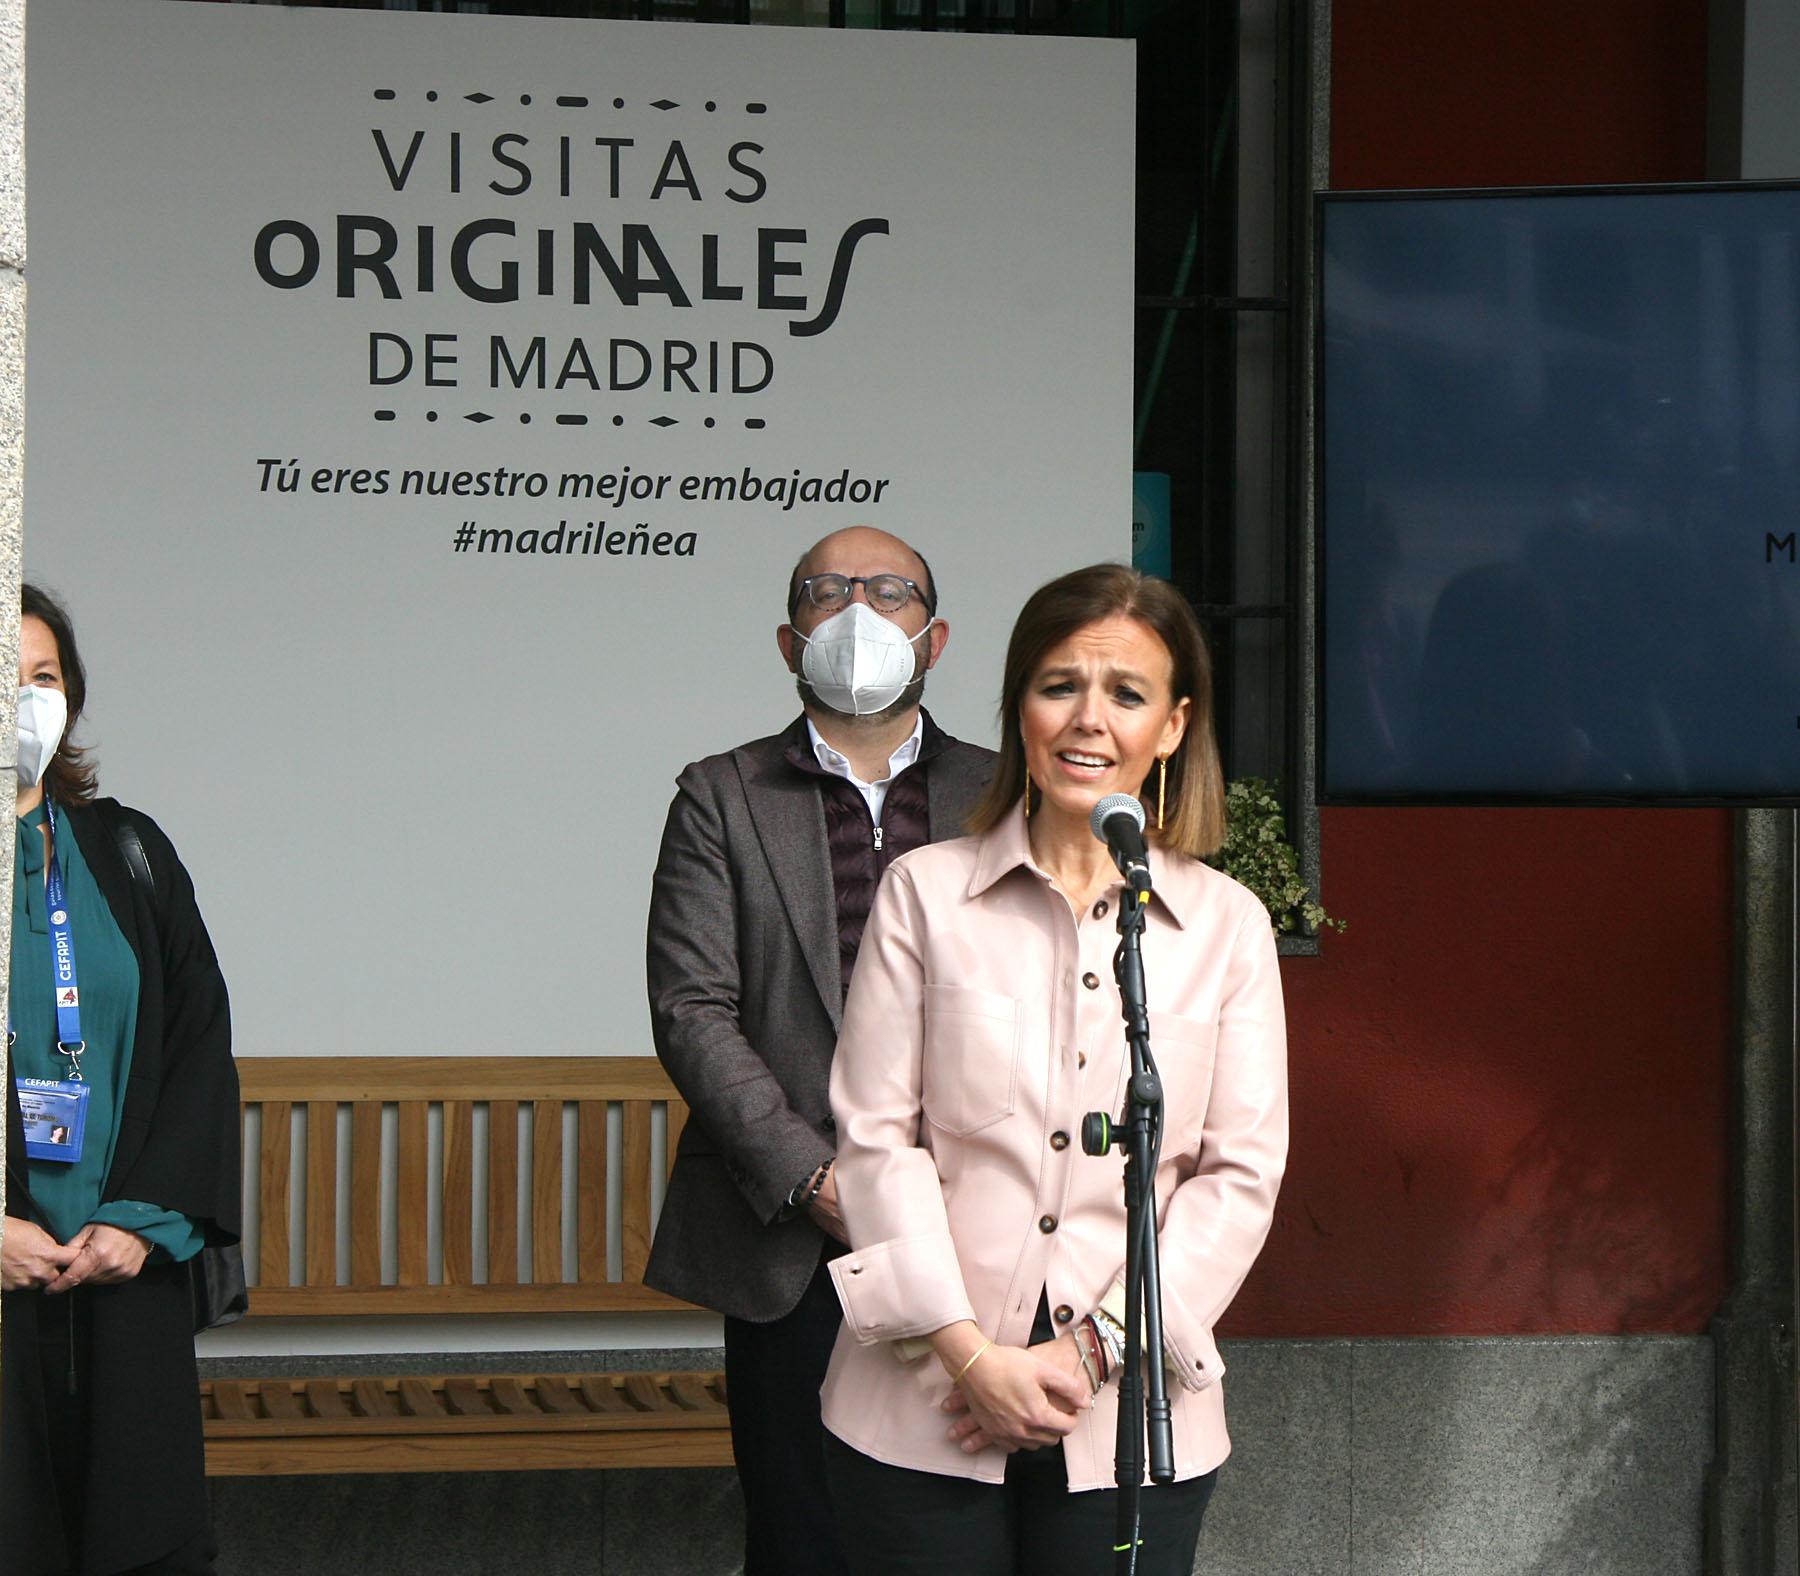 Almudena Maíllo concejala delegada de turismo del Ayuntamiento de Madrid